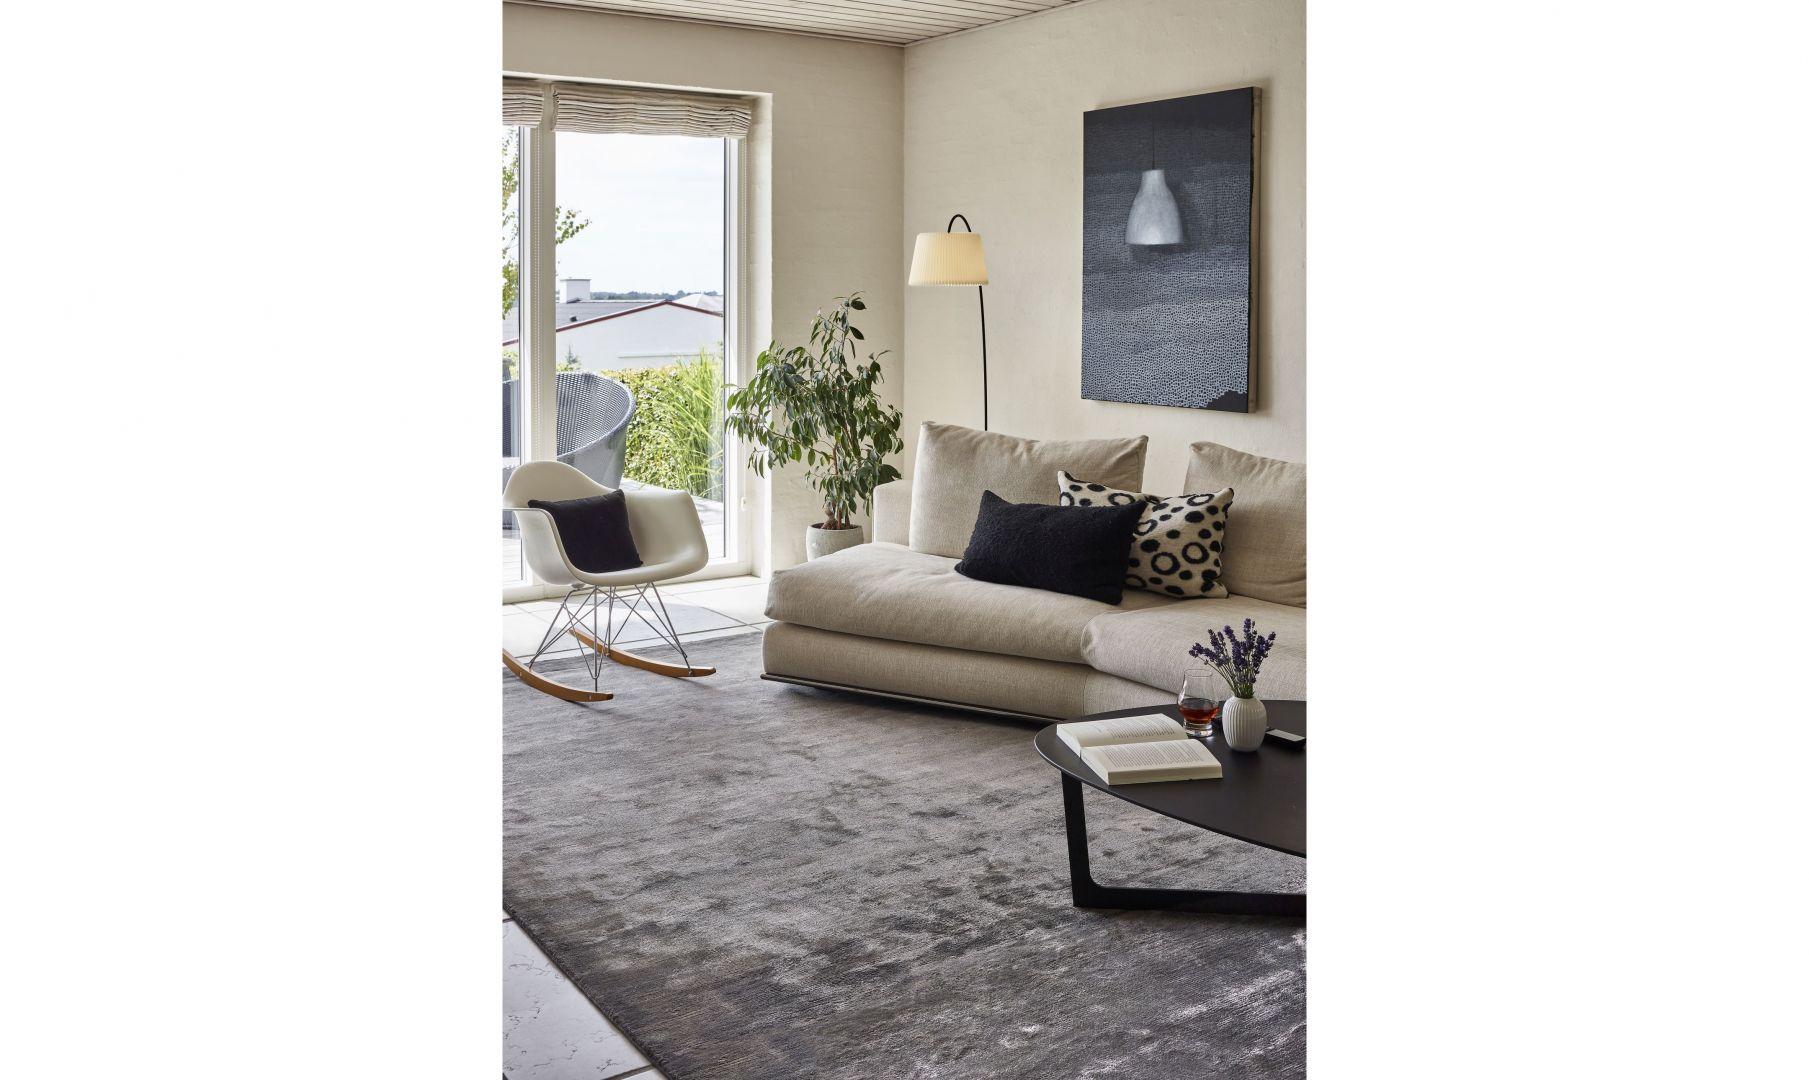 Szary dywan gładki Northern Light Smoke 7021/Carpets&More. Produkt zgłoszony do konkursu Dobry Design 2020.